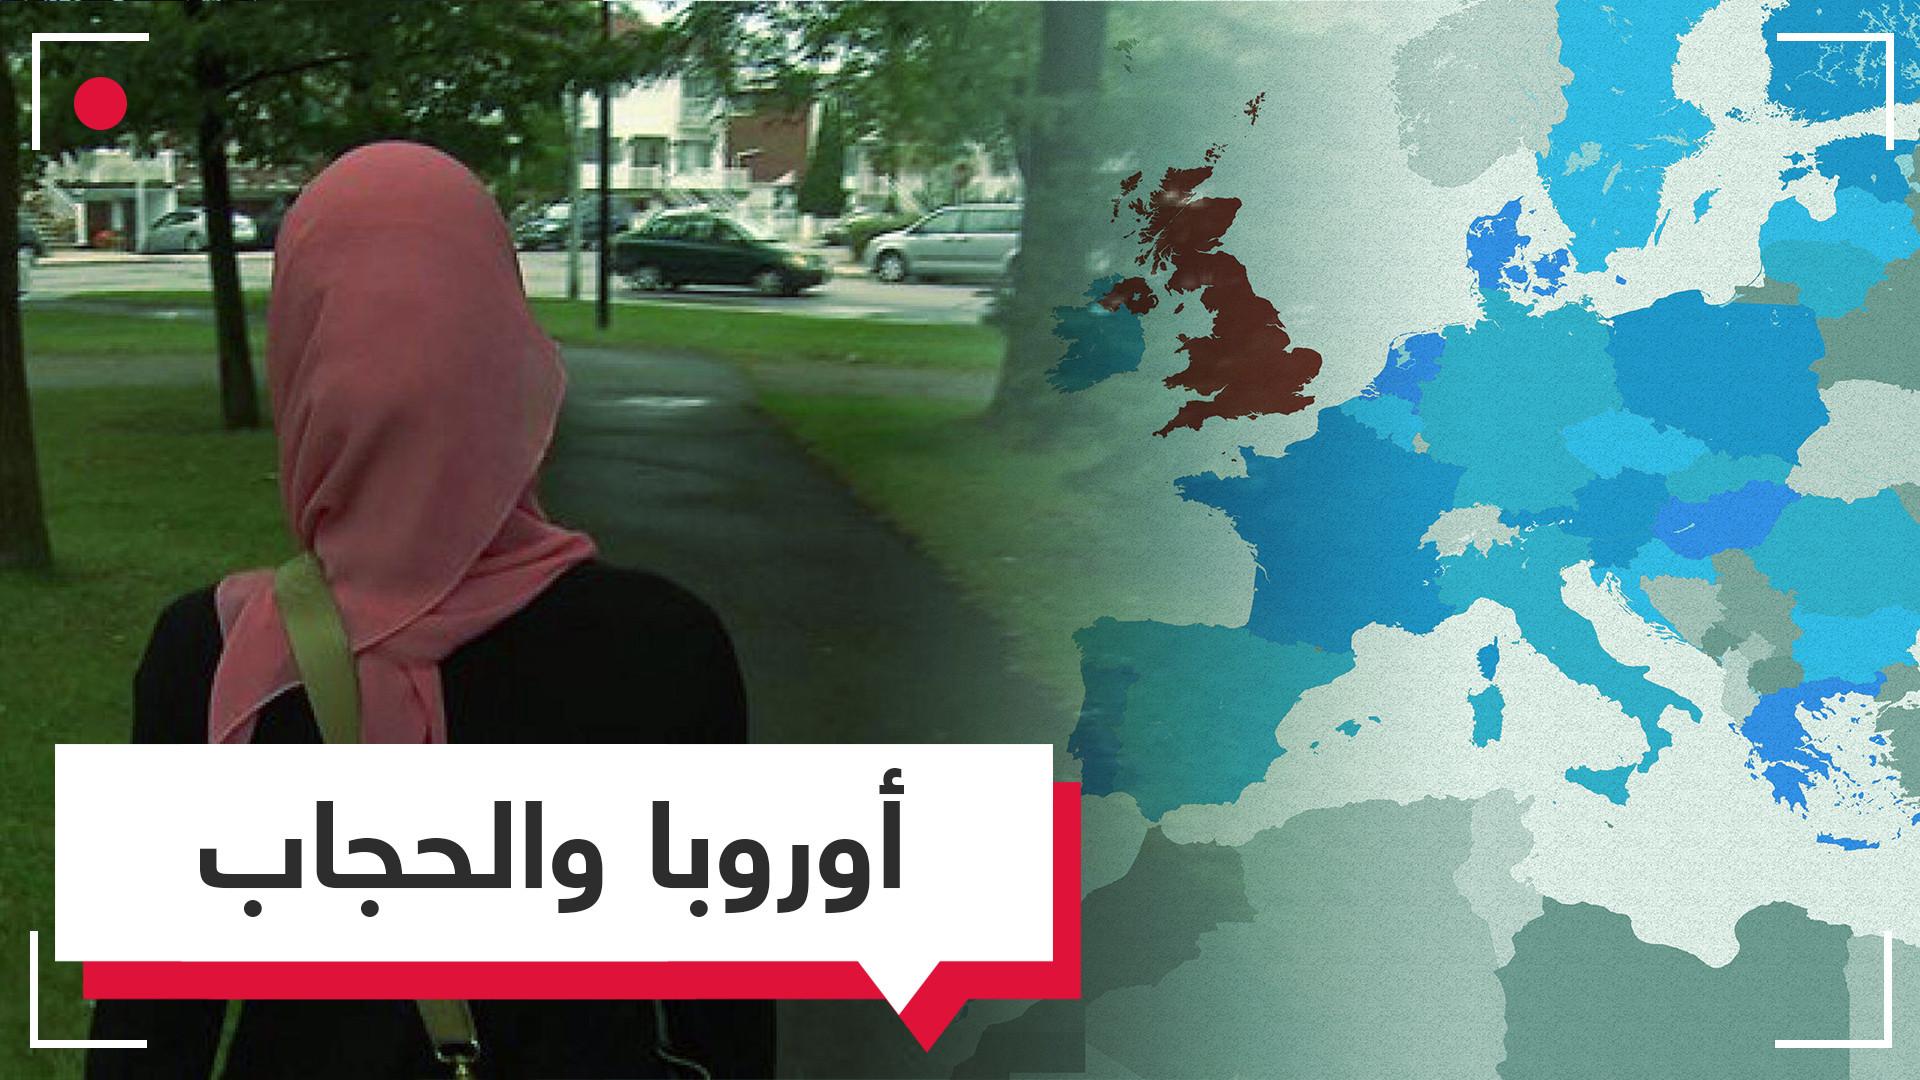 أوروبا والحجاب في أسبوع.. قرارات هامة في فرنسا والنمسا ومطالب باتباعهما في ألمانيا